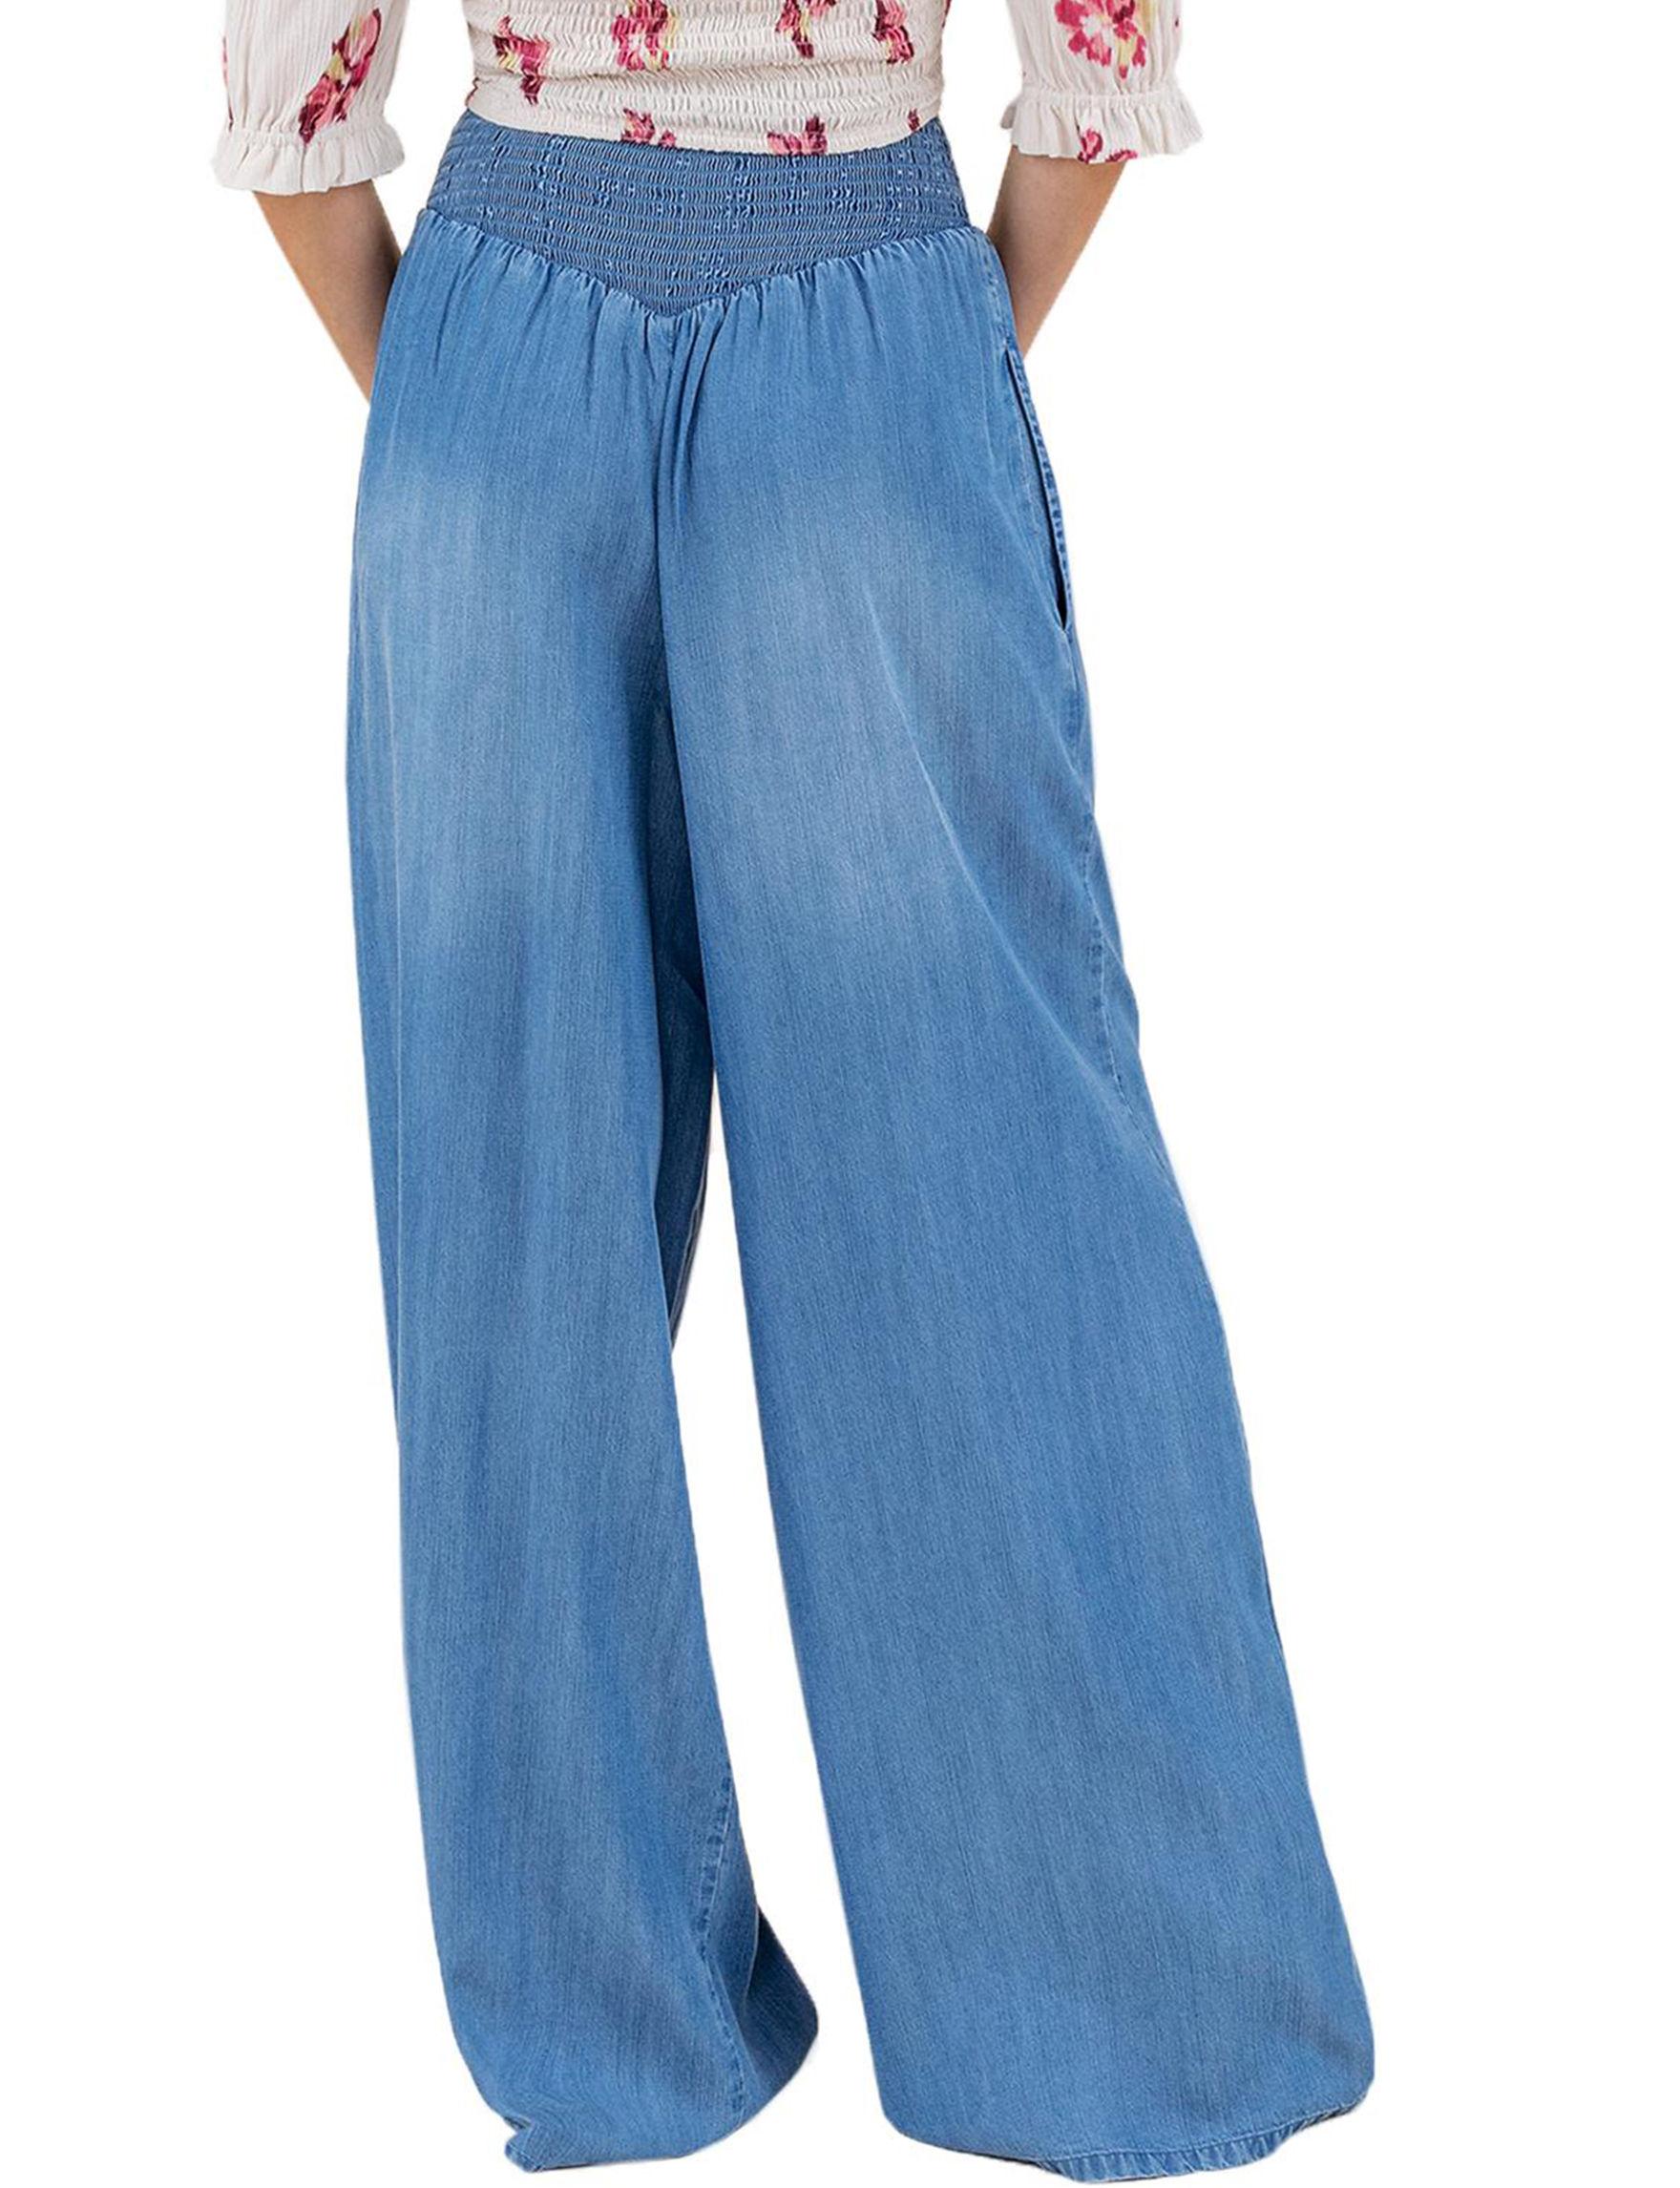 C + J Collections Blue Soft Pants